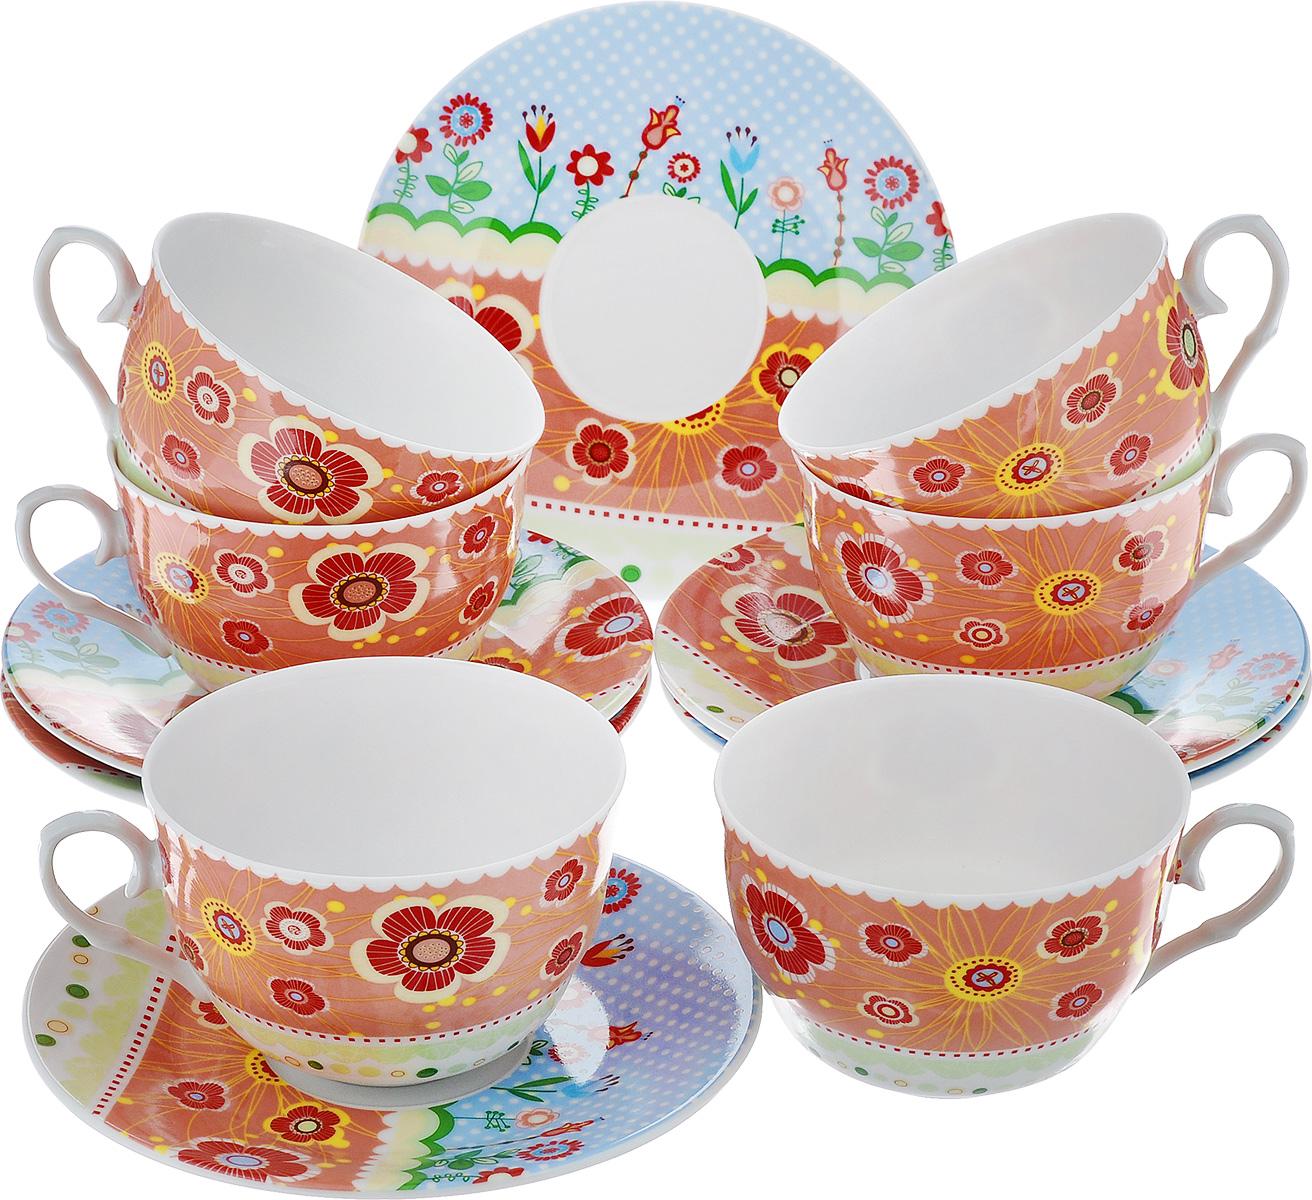 Чайный набор LarangE Фьюжн, цвет: оранжевый, голубой, 12 предметовVT-1520(SR)Чайный набор LarangE Фьюжн состоит из шести чашек и шести блюдец,изготовленных из фарфора. Предметы набора оформленыизящным ярким рисунком.Чайный набор LarangE Фьюжн украсит ваш кухонный стол, а такжестанет замечательным подарком друзьям и близким.Объем чашки: 250 мл.Диаметр чашки по верхнему краю: 9 см.Высота чашки: 6 см.Диаметр блюдца: 14,5 см.